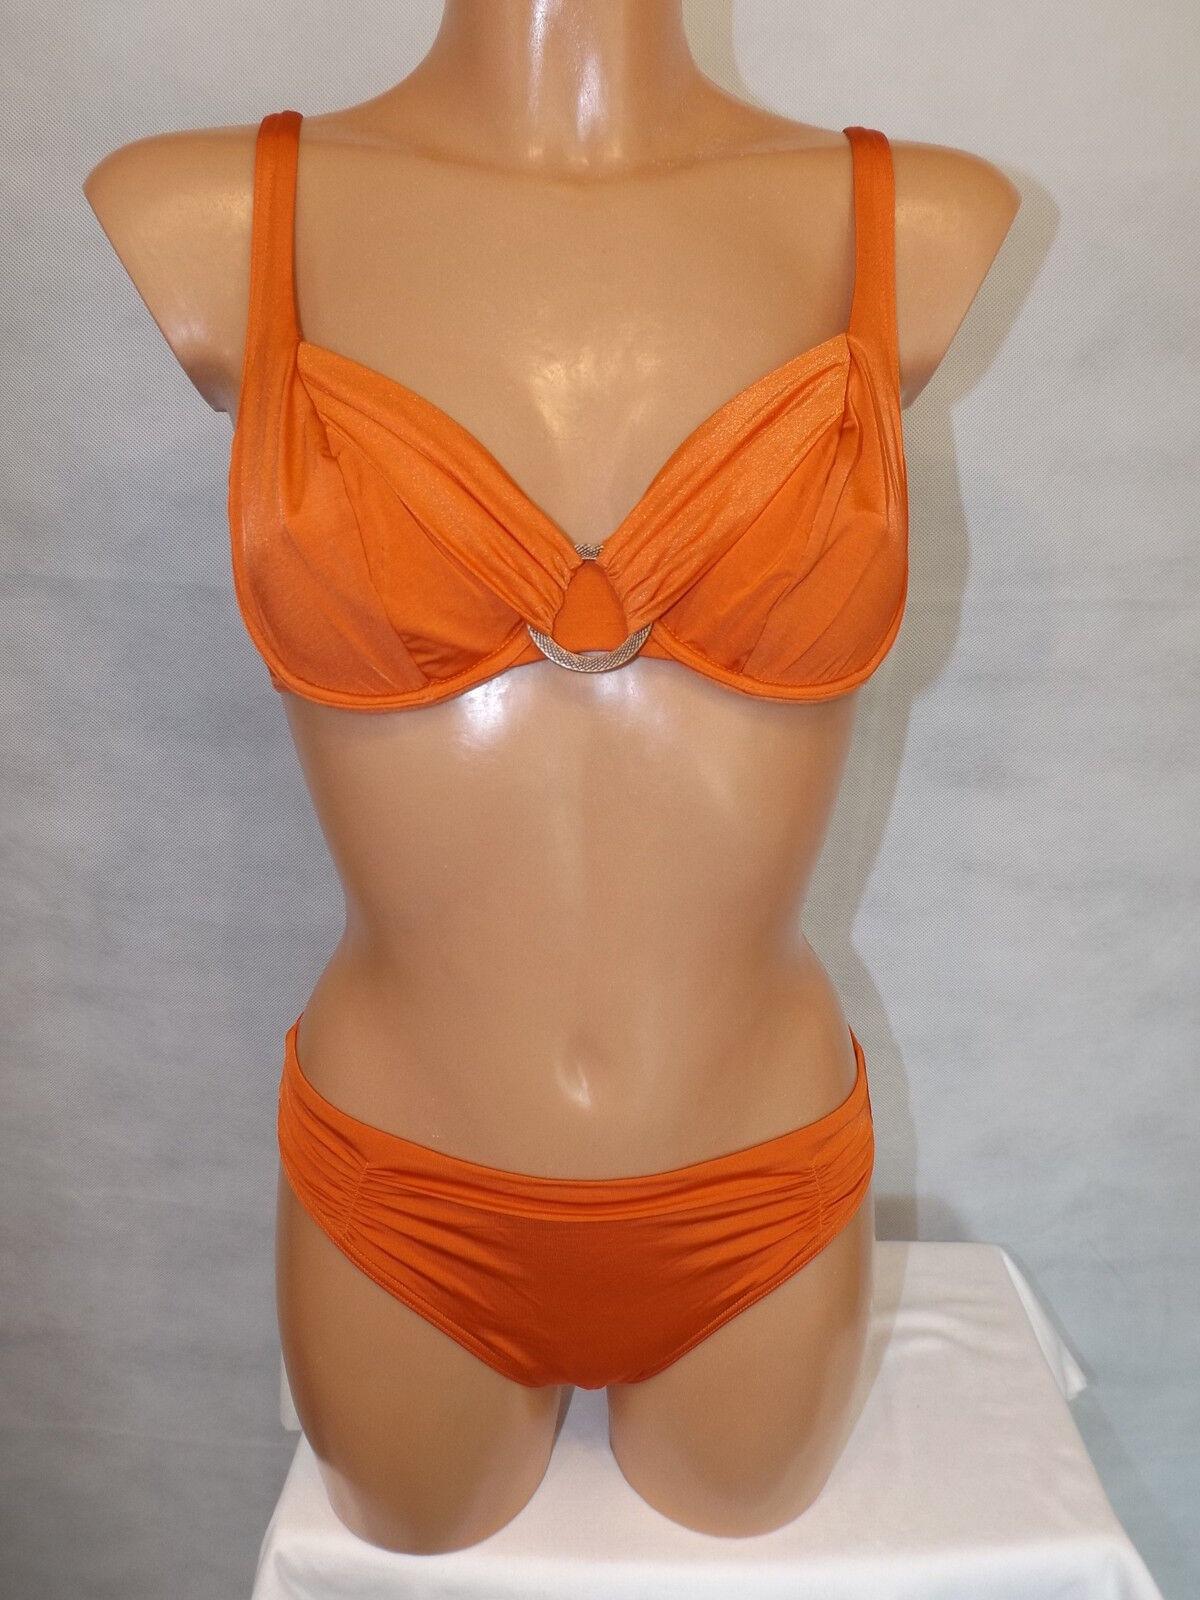 RASUREL by Lejaby Lejaby Lejaby   36  Cup C  T2   Orange Bikini m. Bügel  Bügelbikini Träger | Die Farbe ist sehr auffällig  | Clearance Sale  | Deutsche Outlets  | Sehen Sie die Welt aus der Perspektive des Kindes  | München  a11ed7